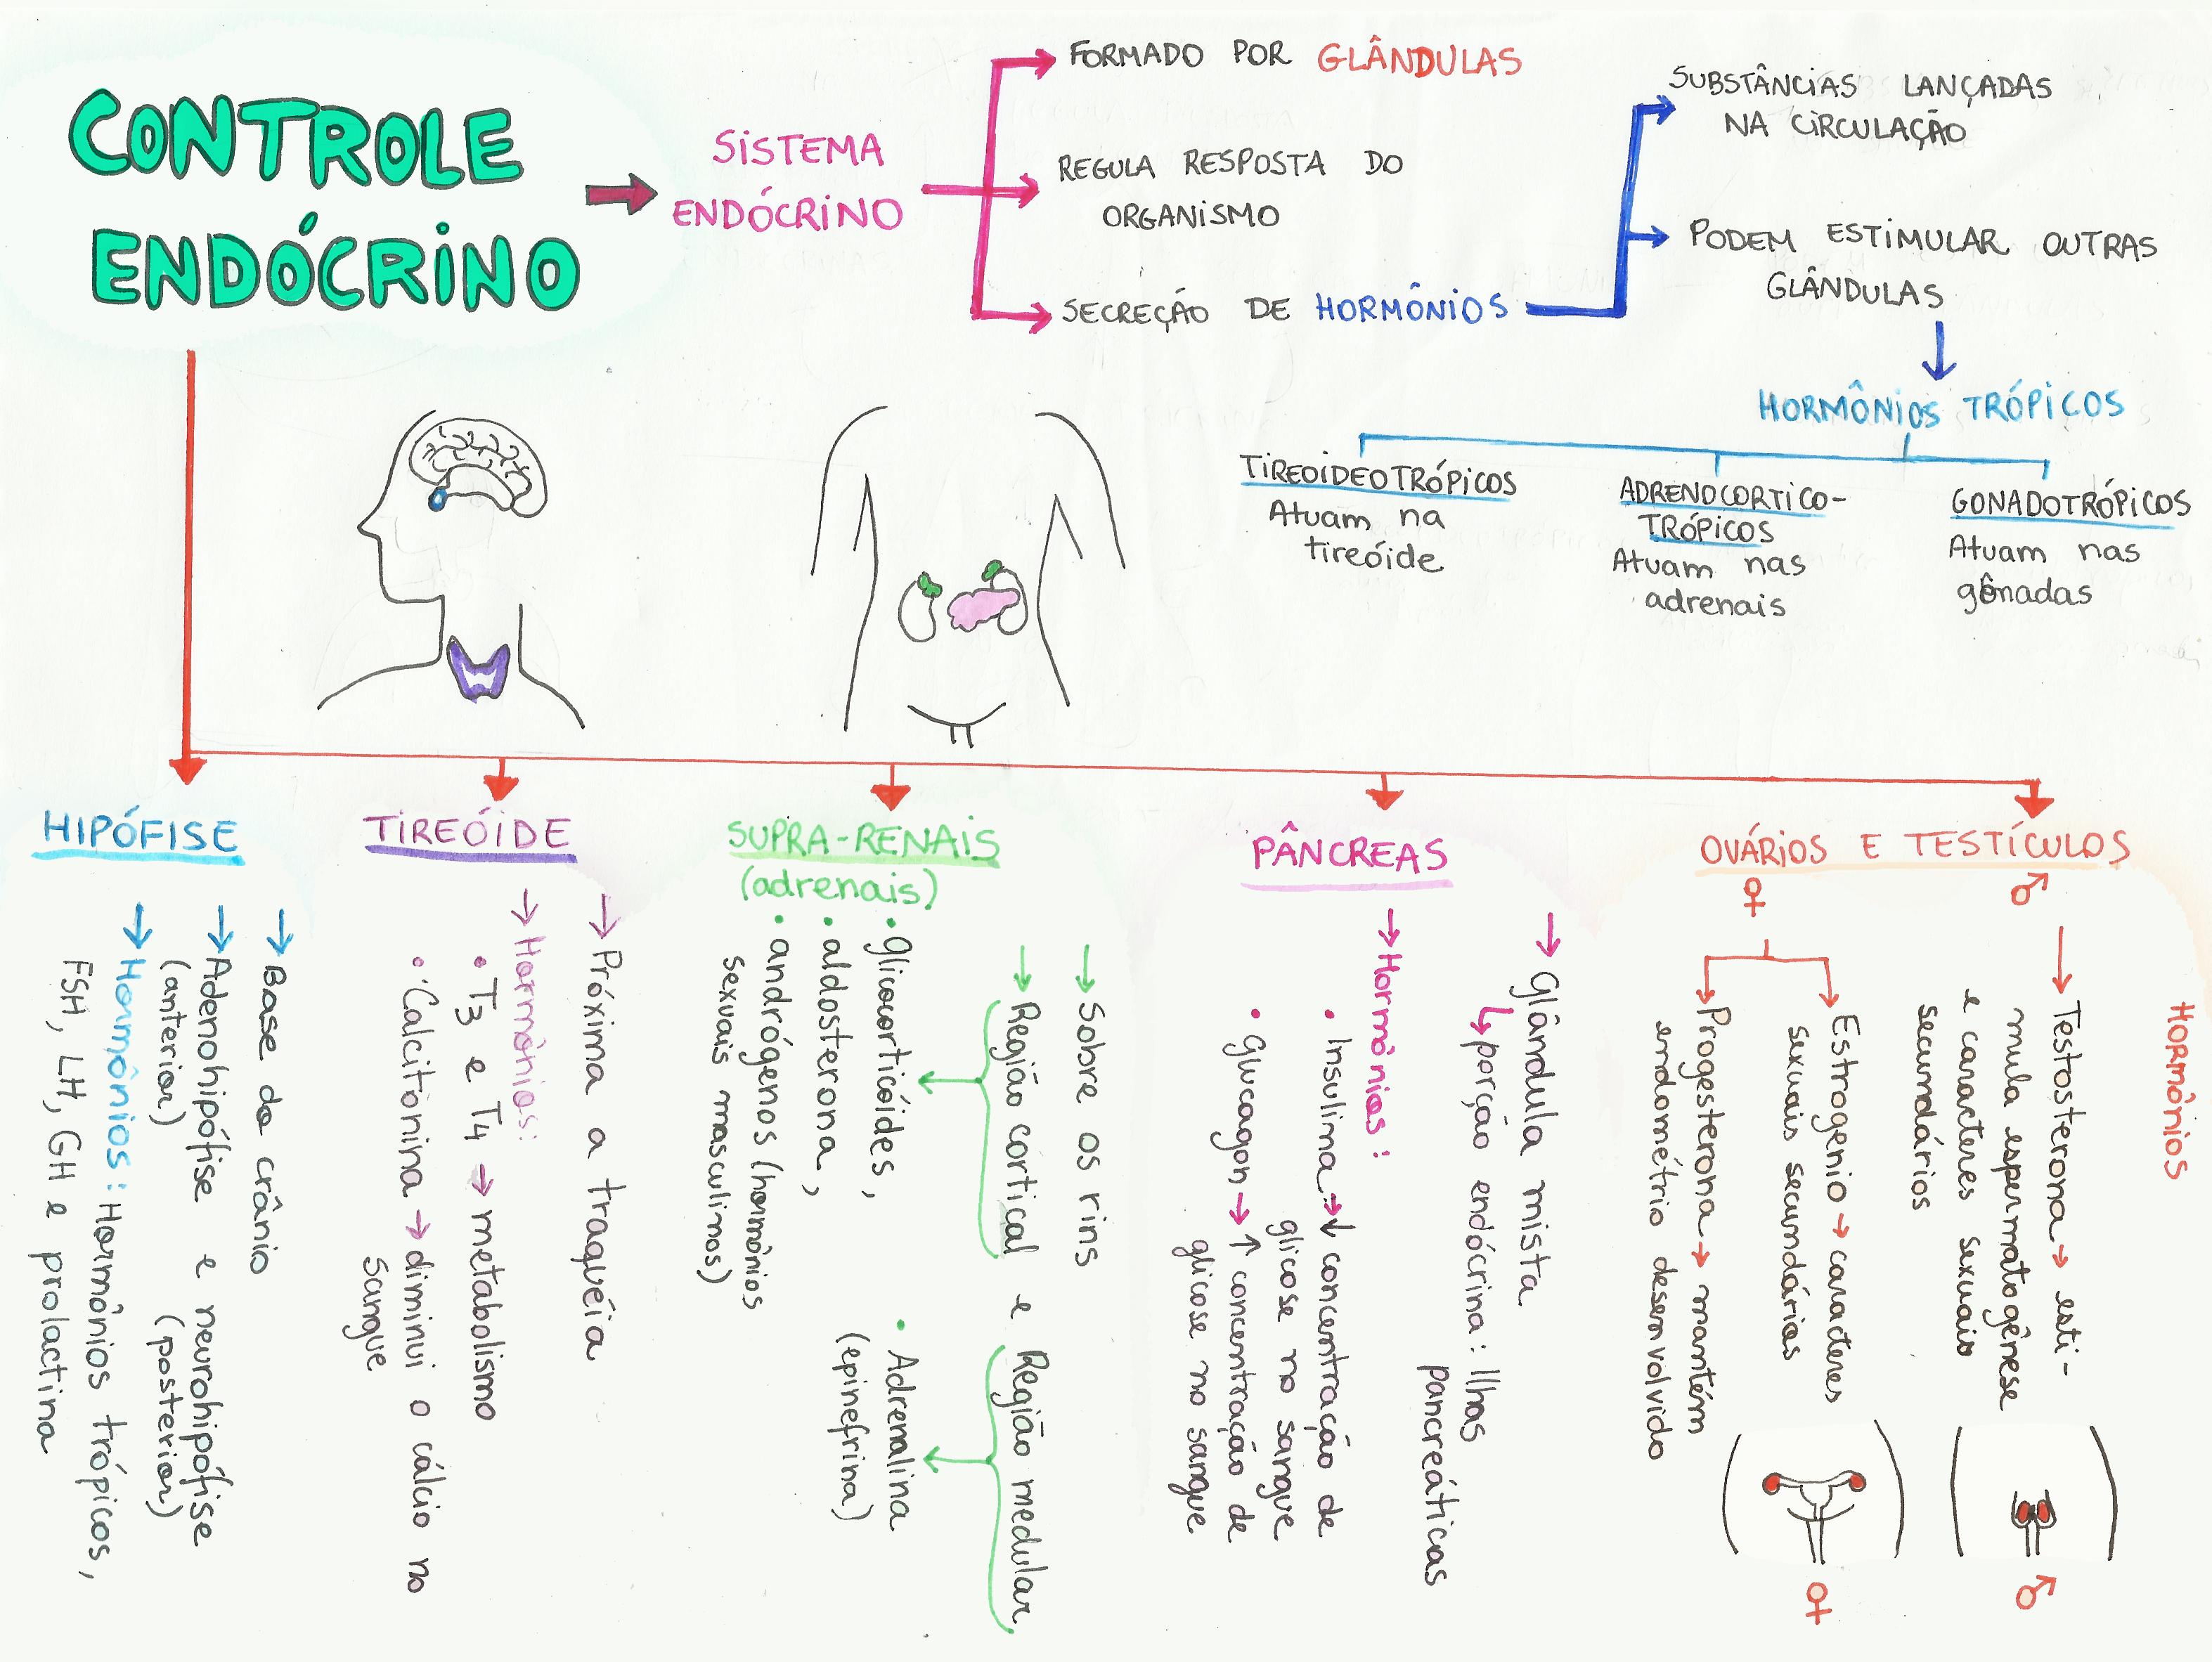 mapa-bio-controle-endocrino